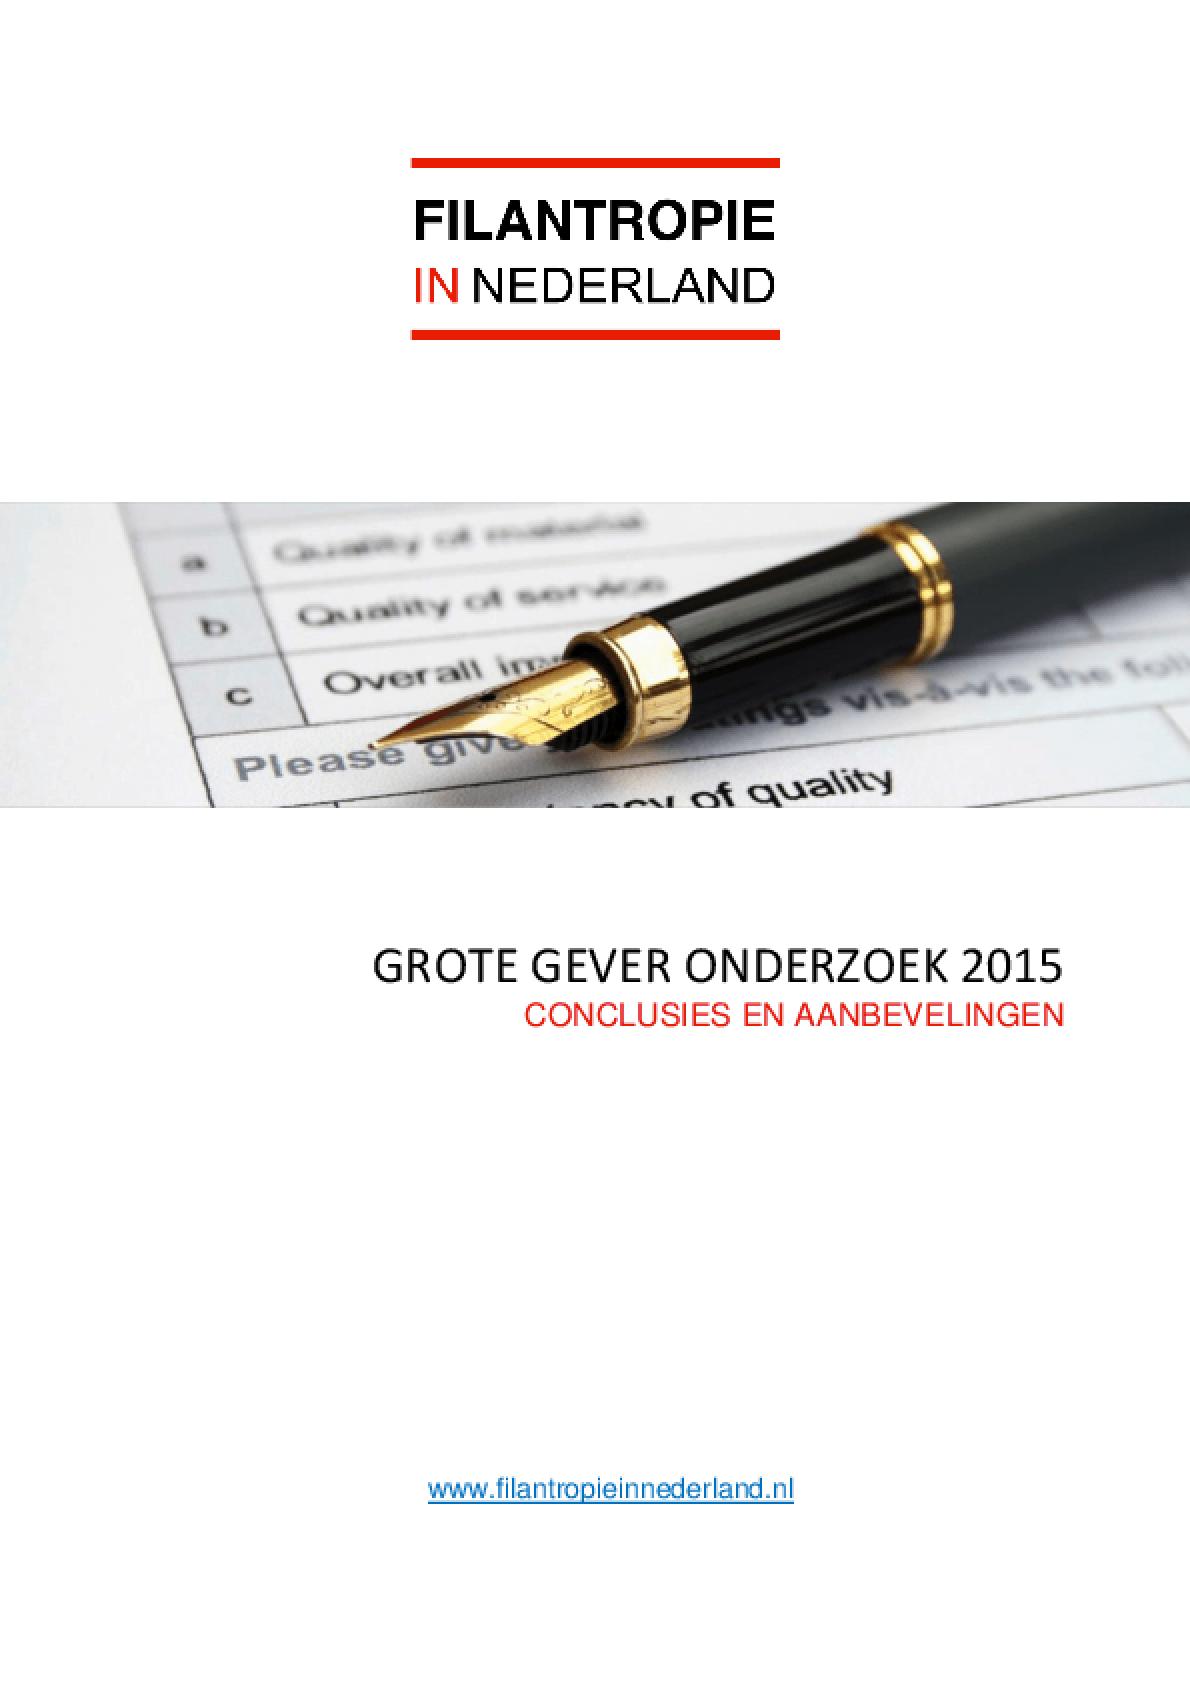 Filantropie in Nederland : Grote Gever Onderzoek 2015